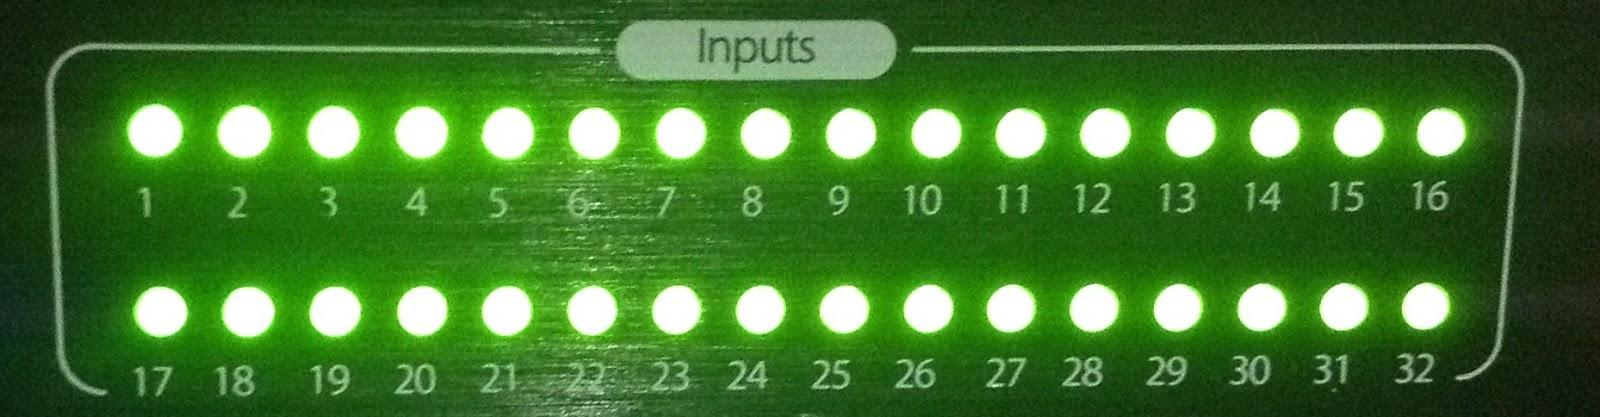 RM_Green_LEDs.JPG